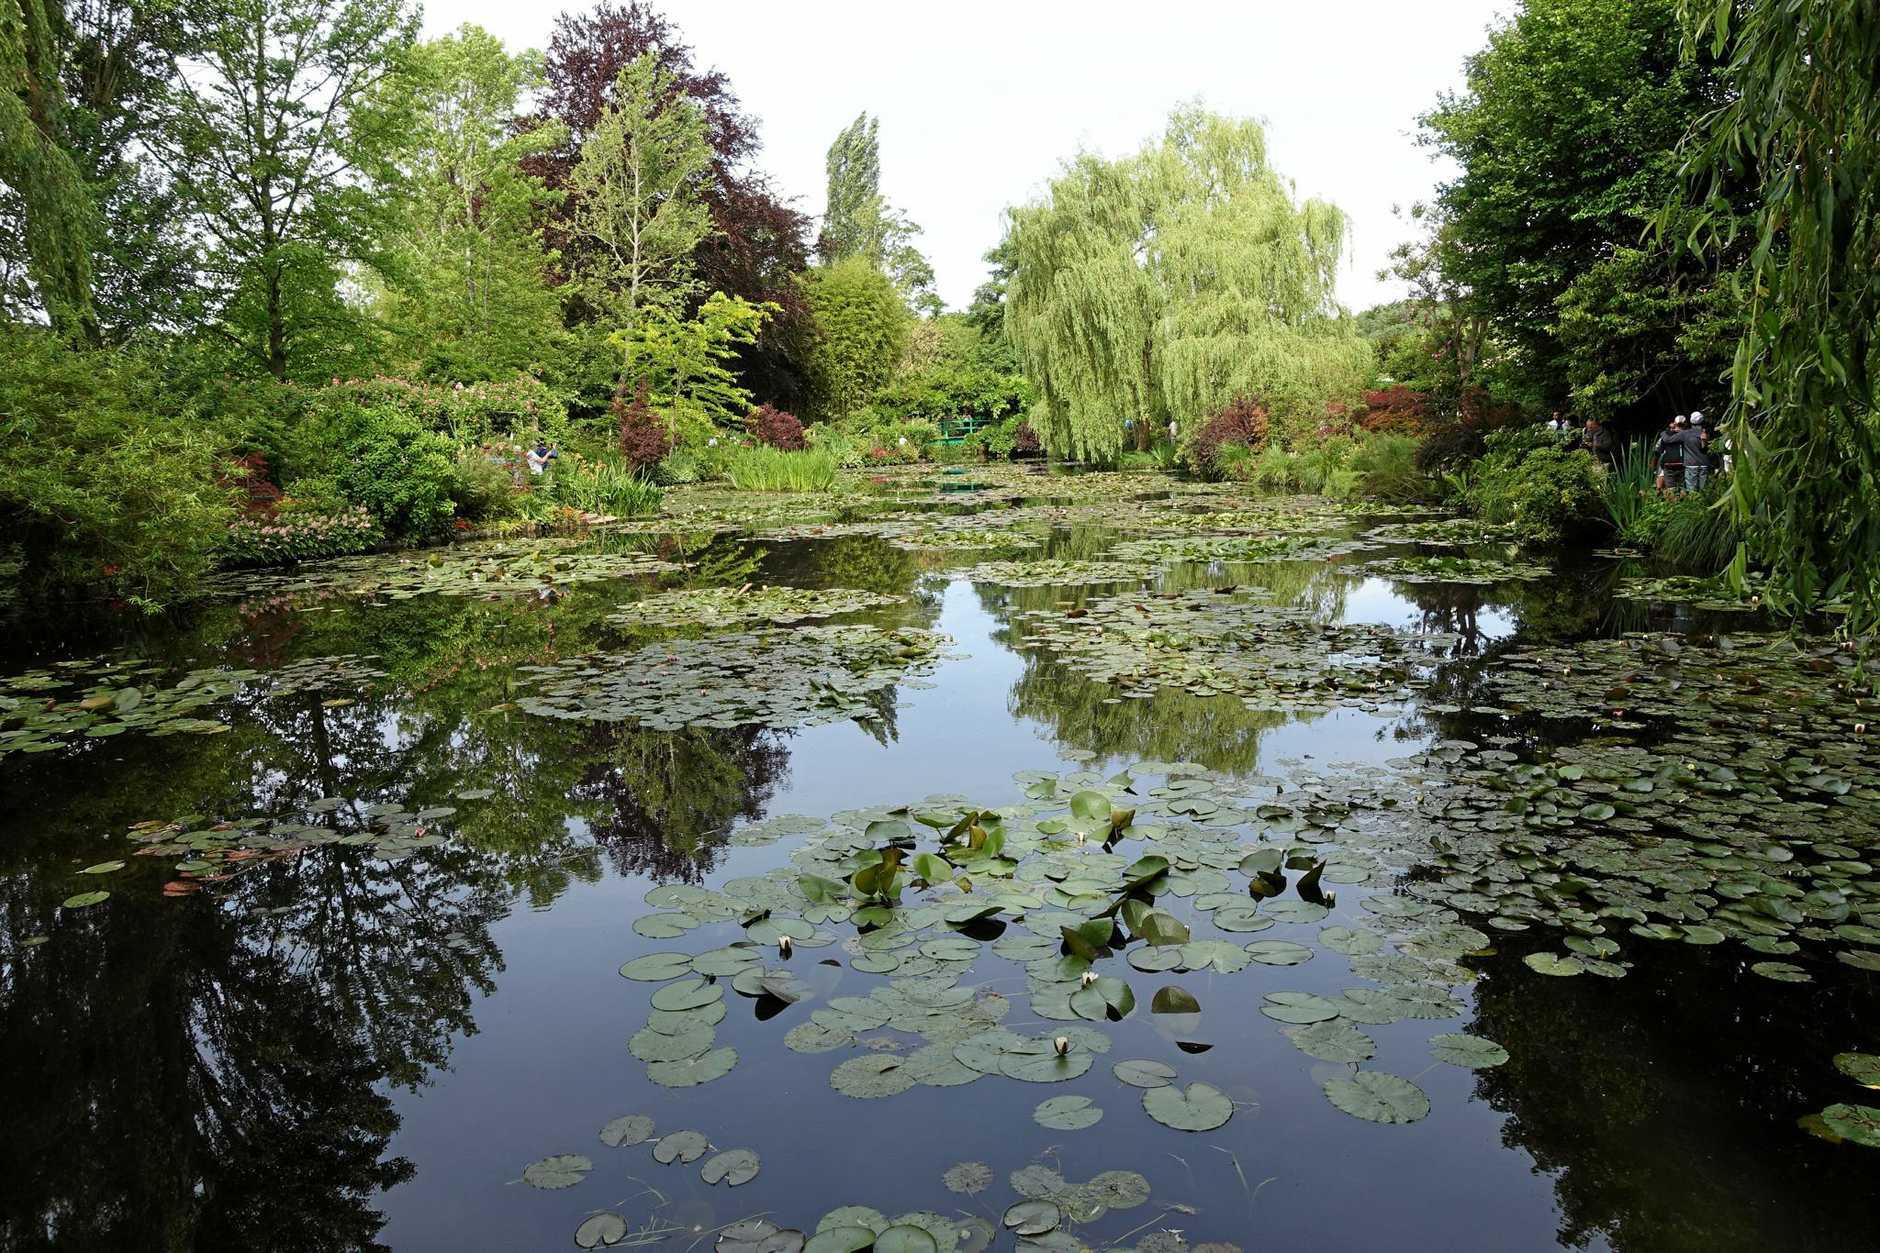 Monet's famous lily ponds.